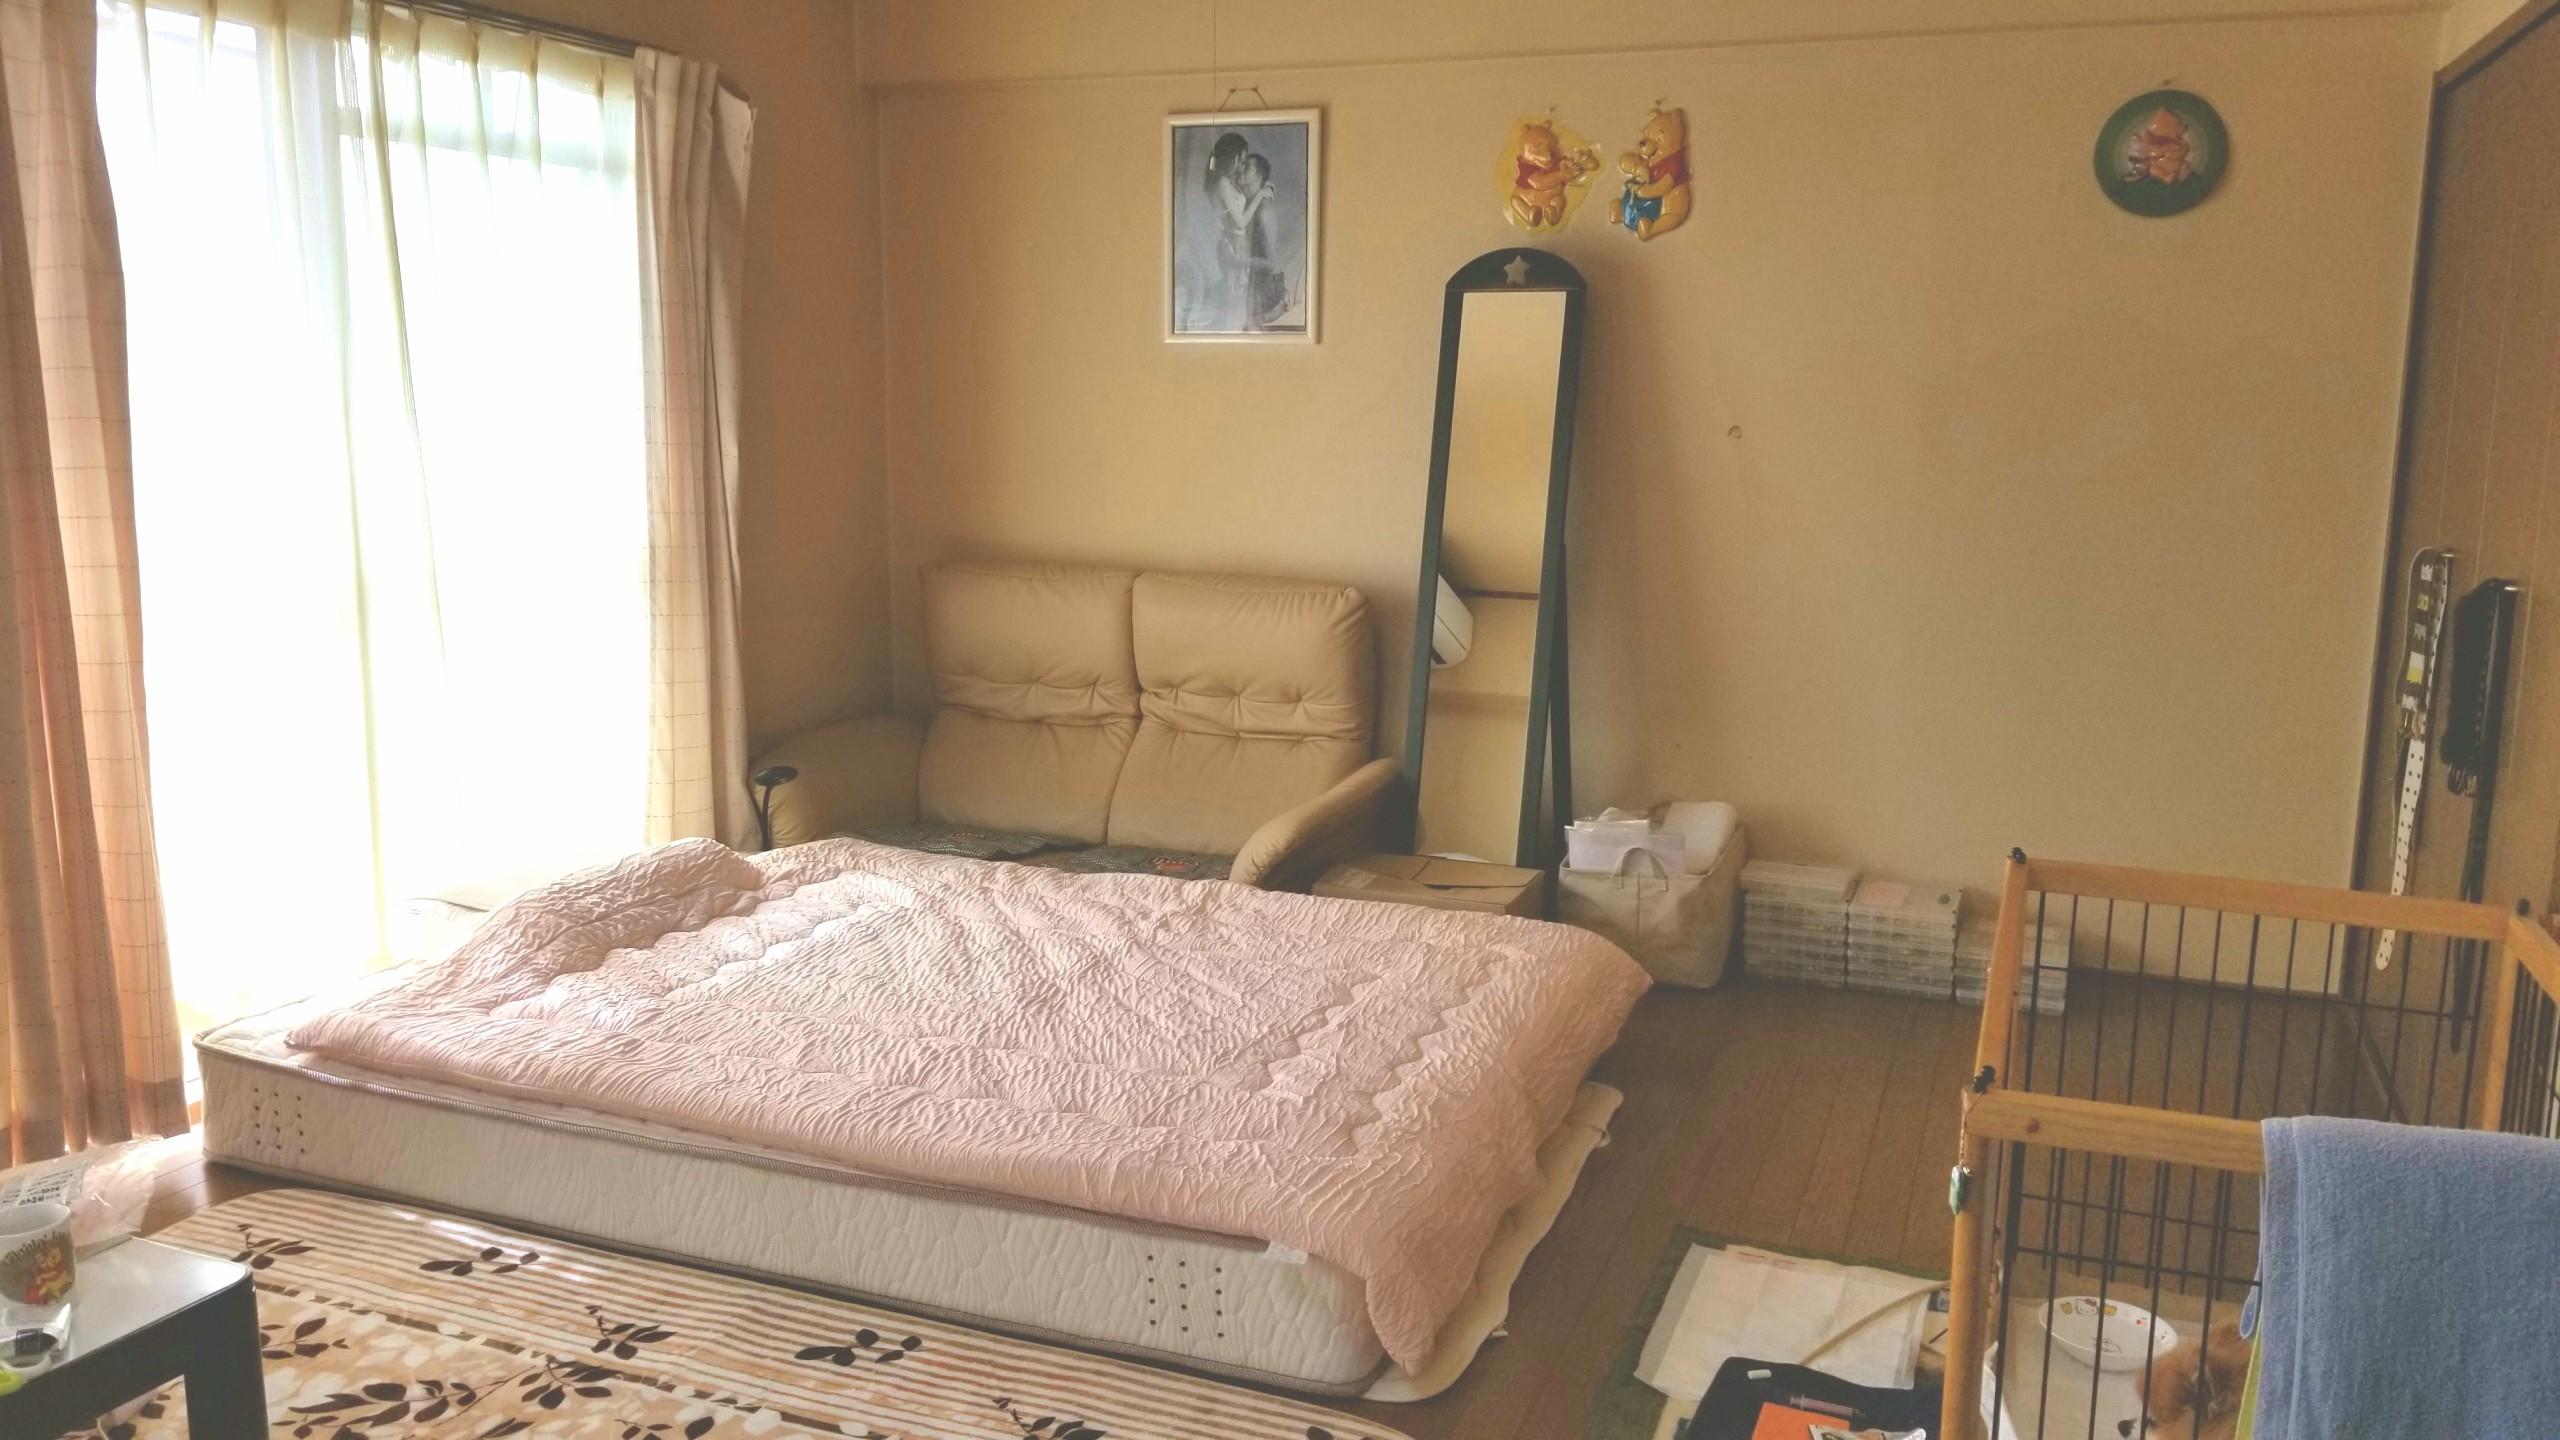 新しいダブルベッド購入,お部屋の模様替え,女子一人暮らしマンション